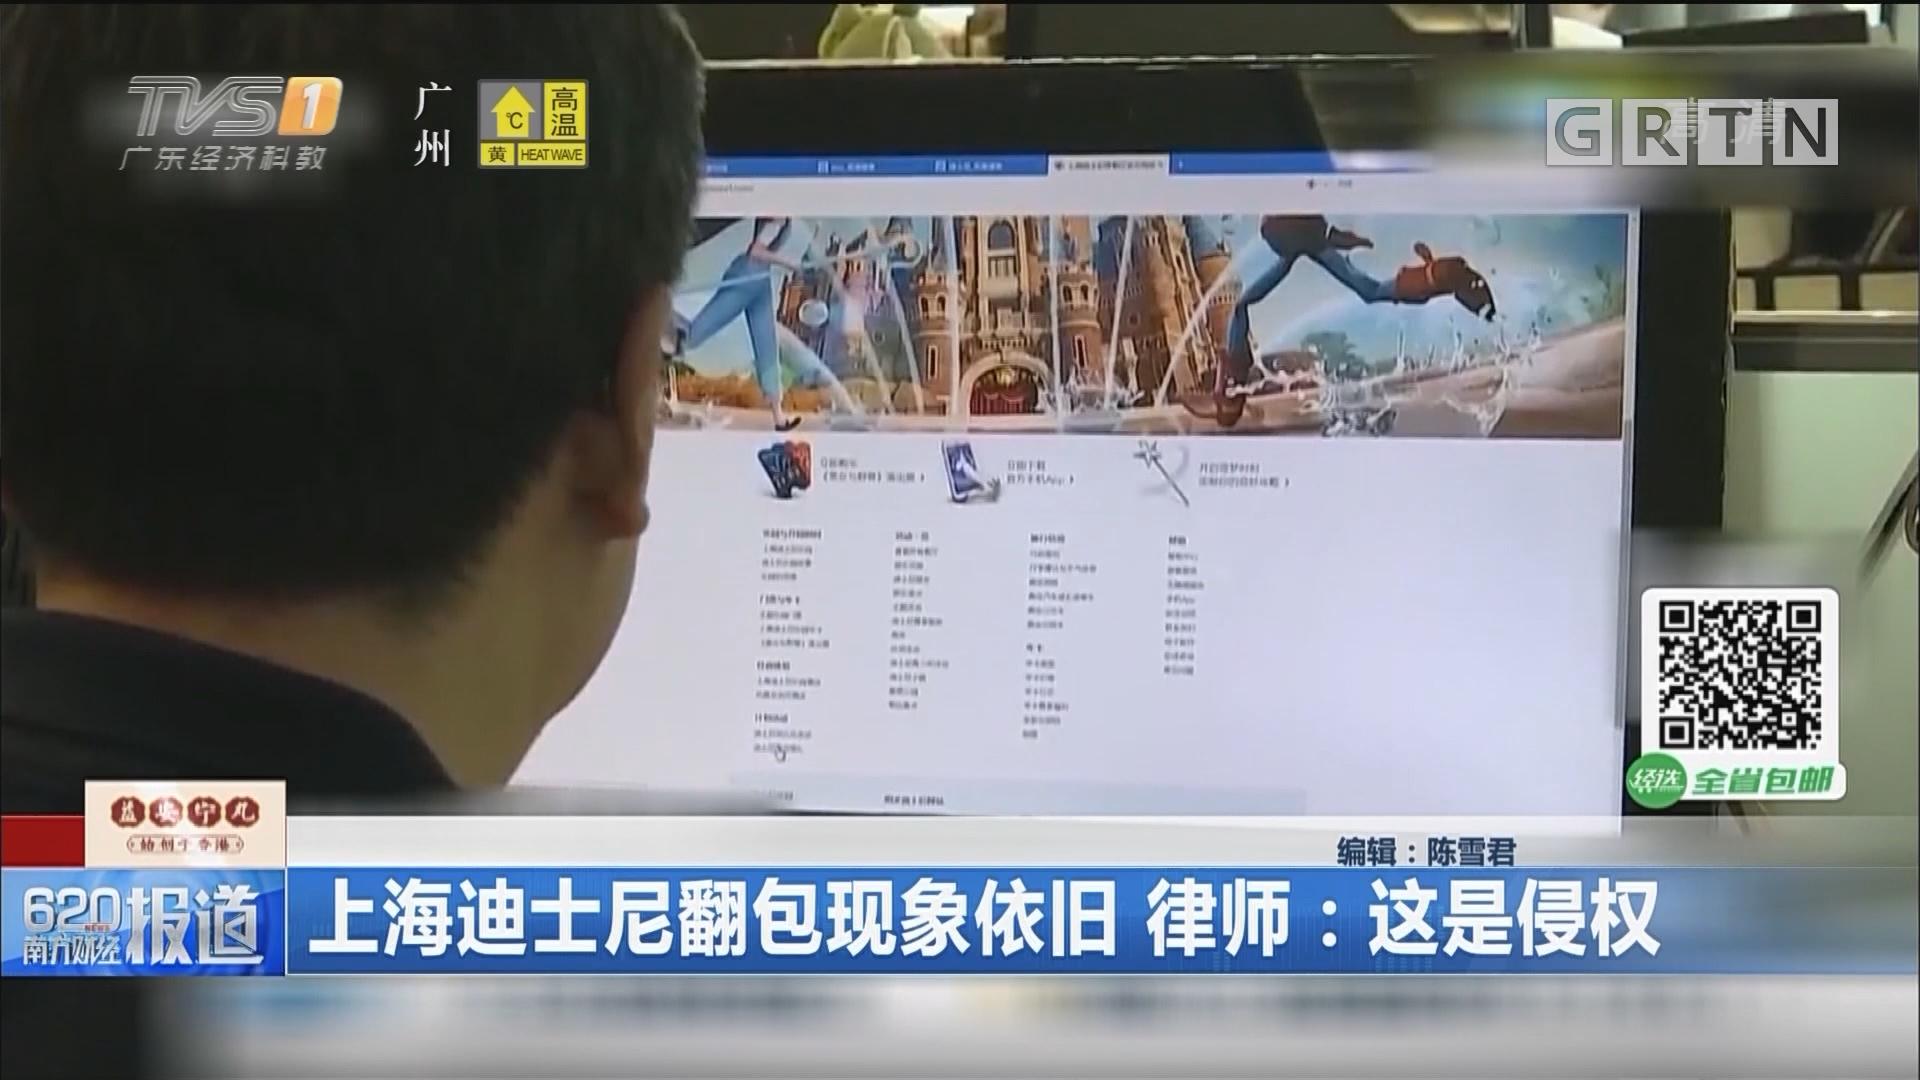 上海迪士尼翻包现象依旧 律师:这是侵权